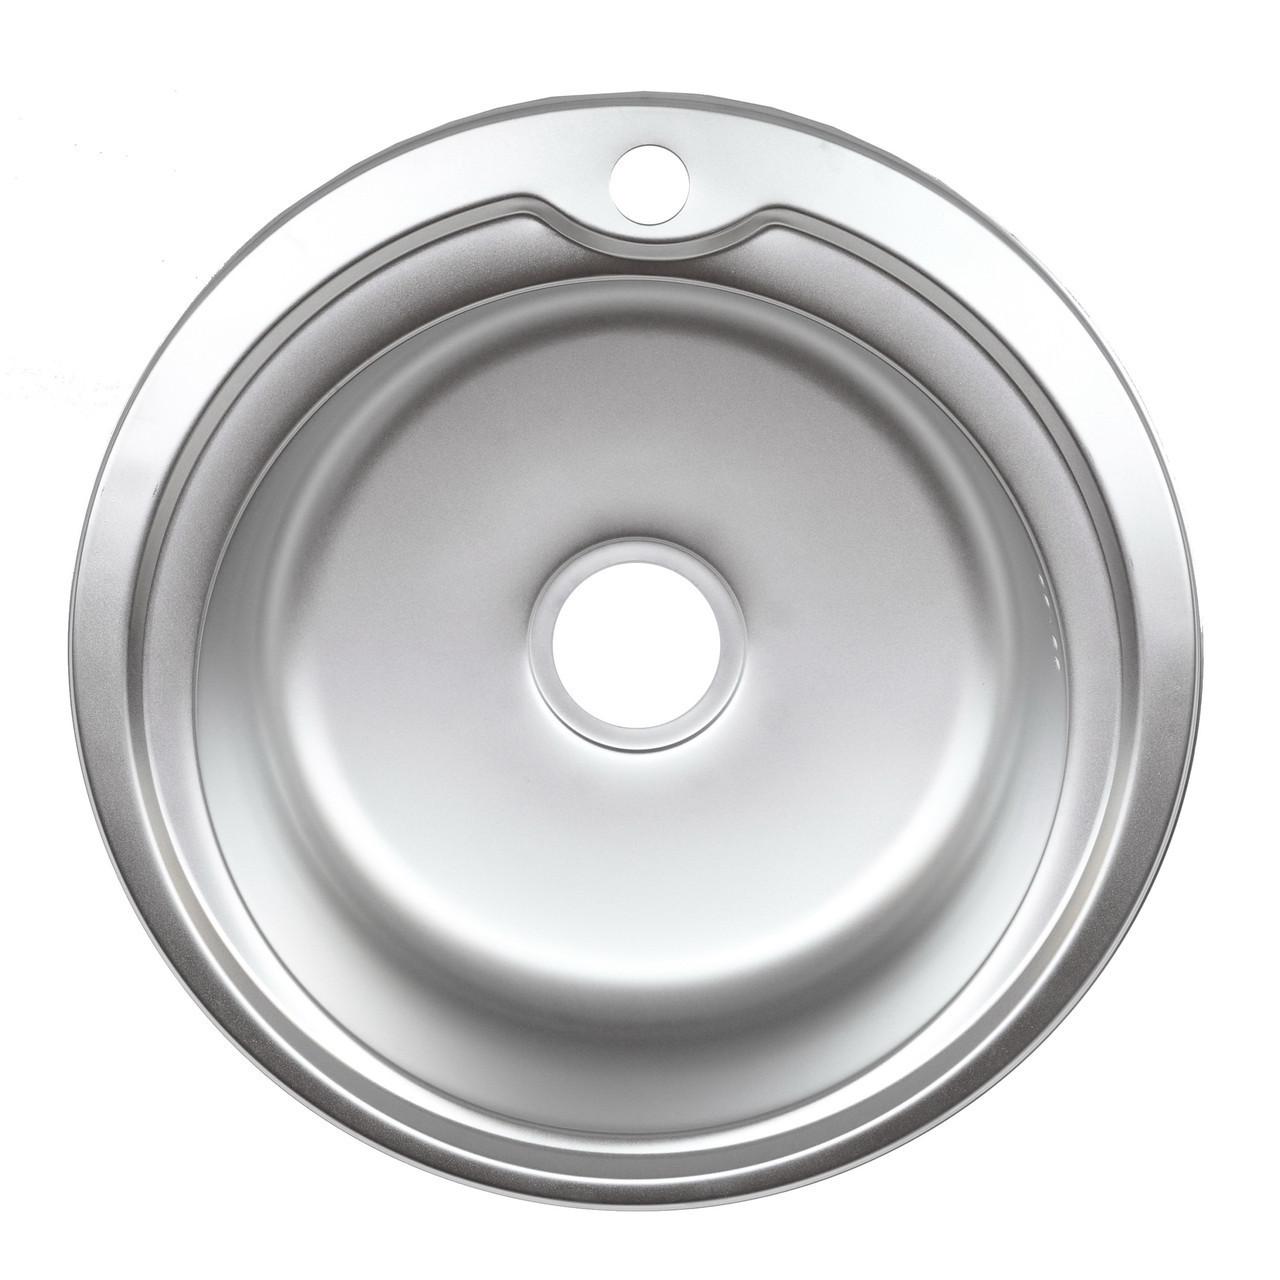 Врезная кухонная мойка из нержавеющей стали Platinum 510 Декор 0.8